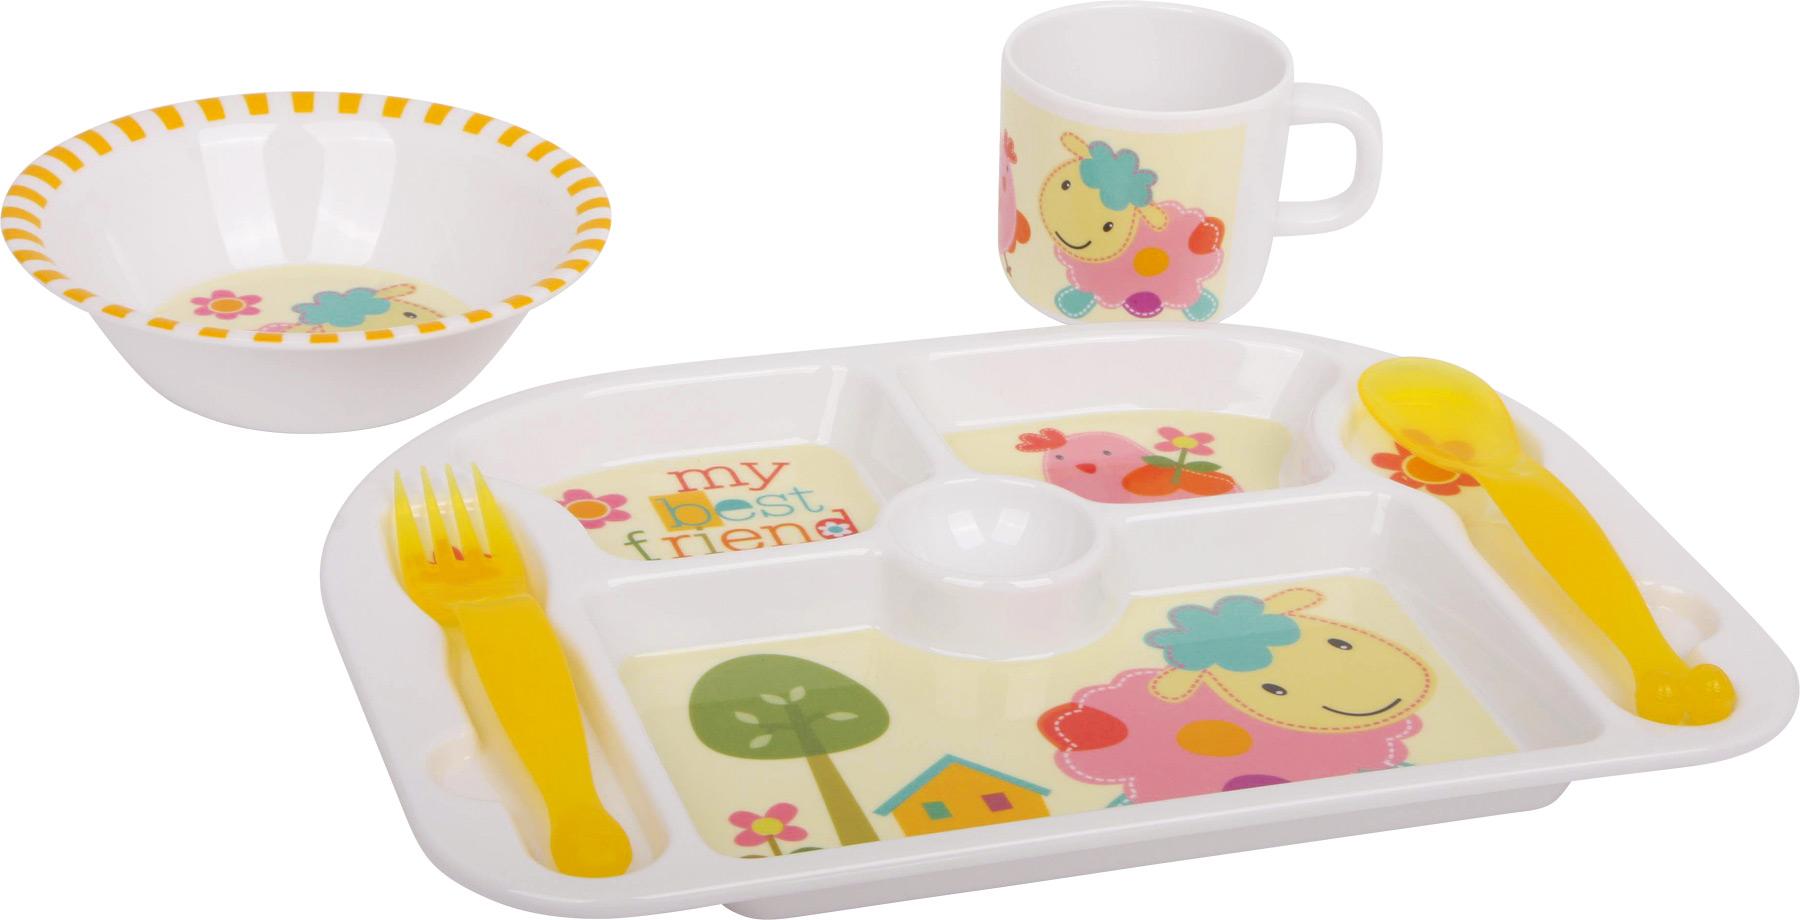 Dětské nádobí Nejlepší přátelé